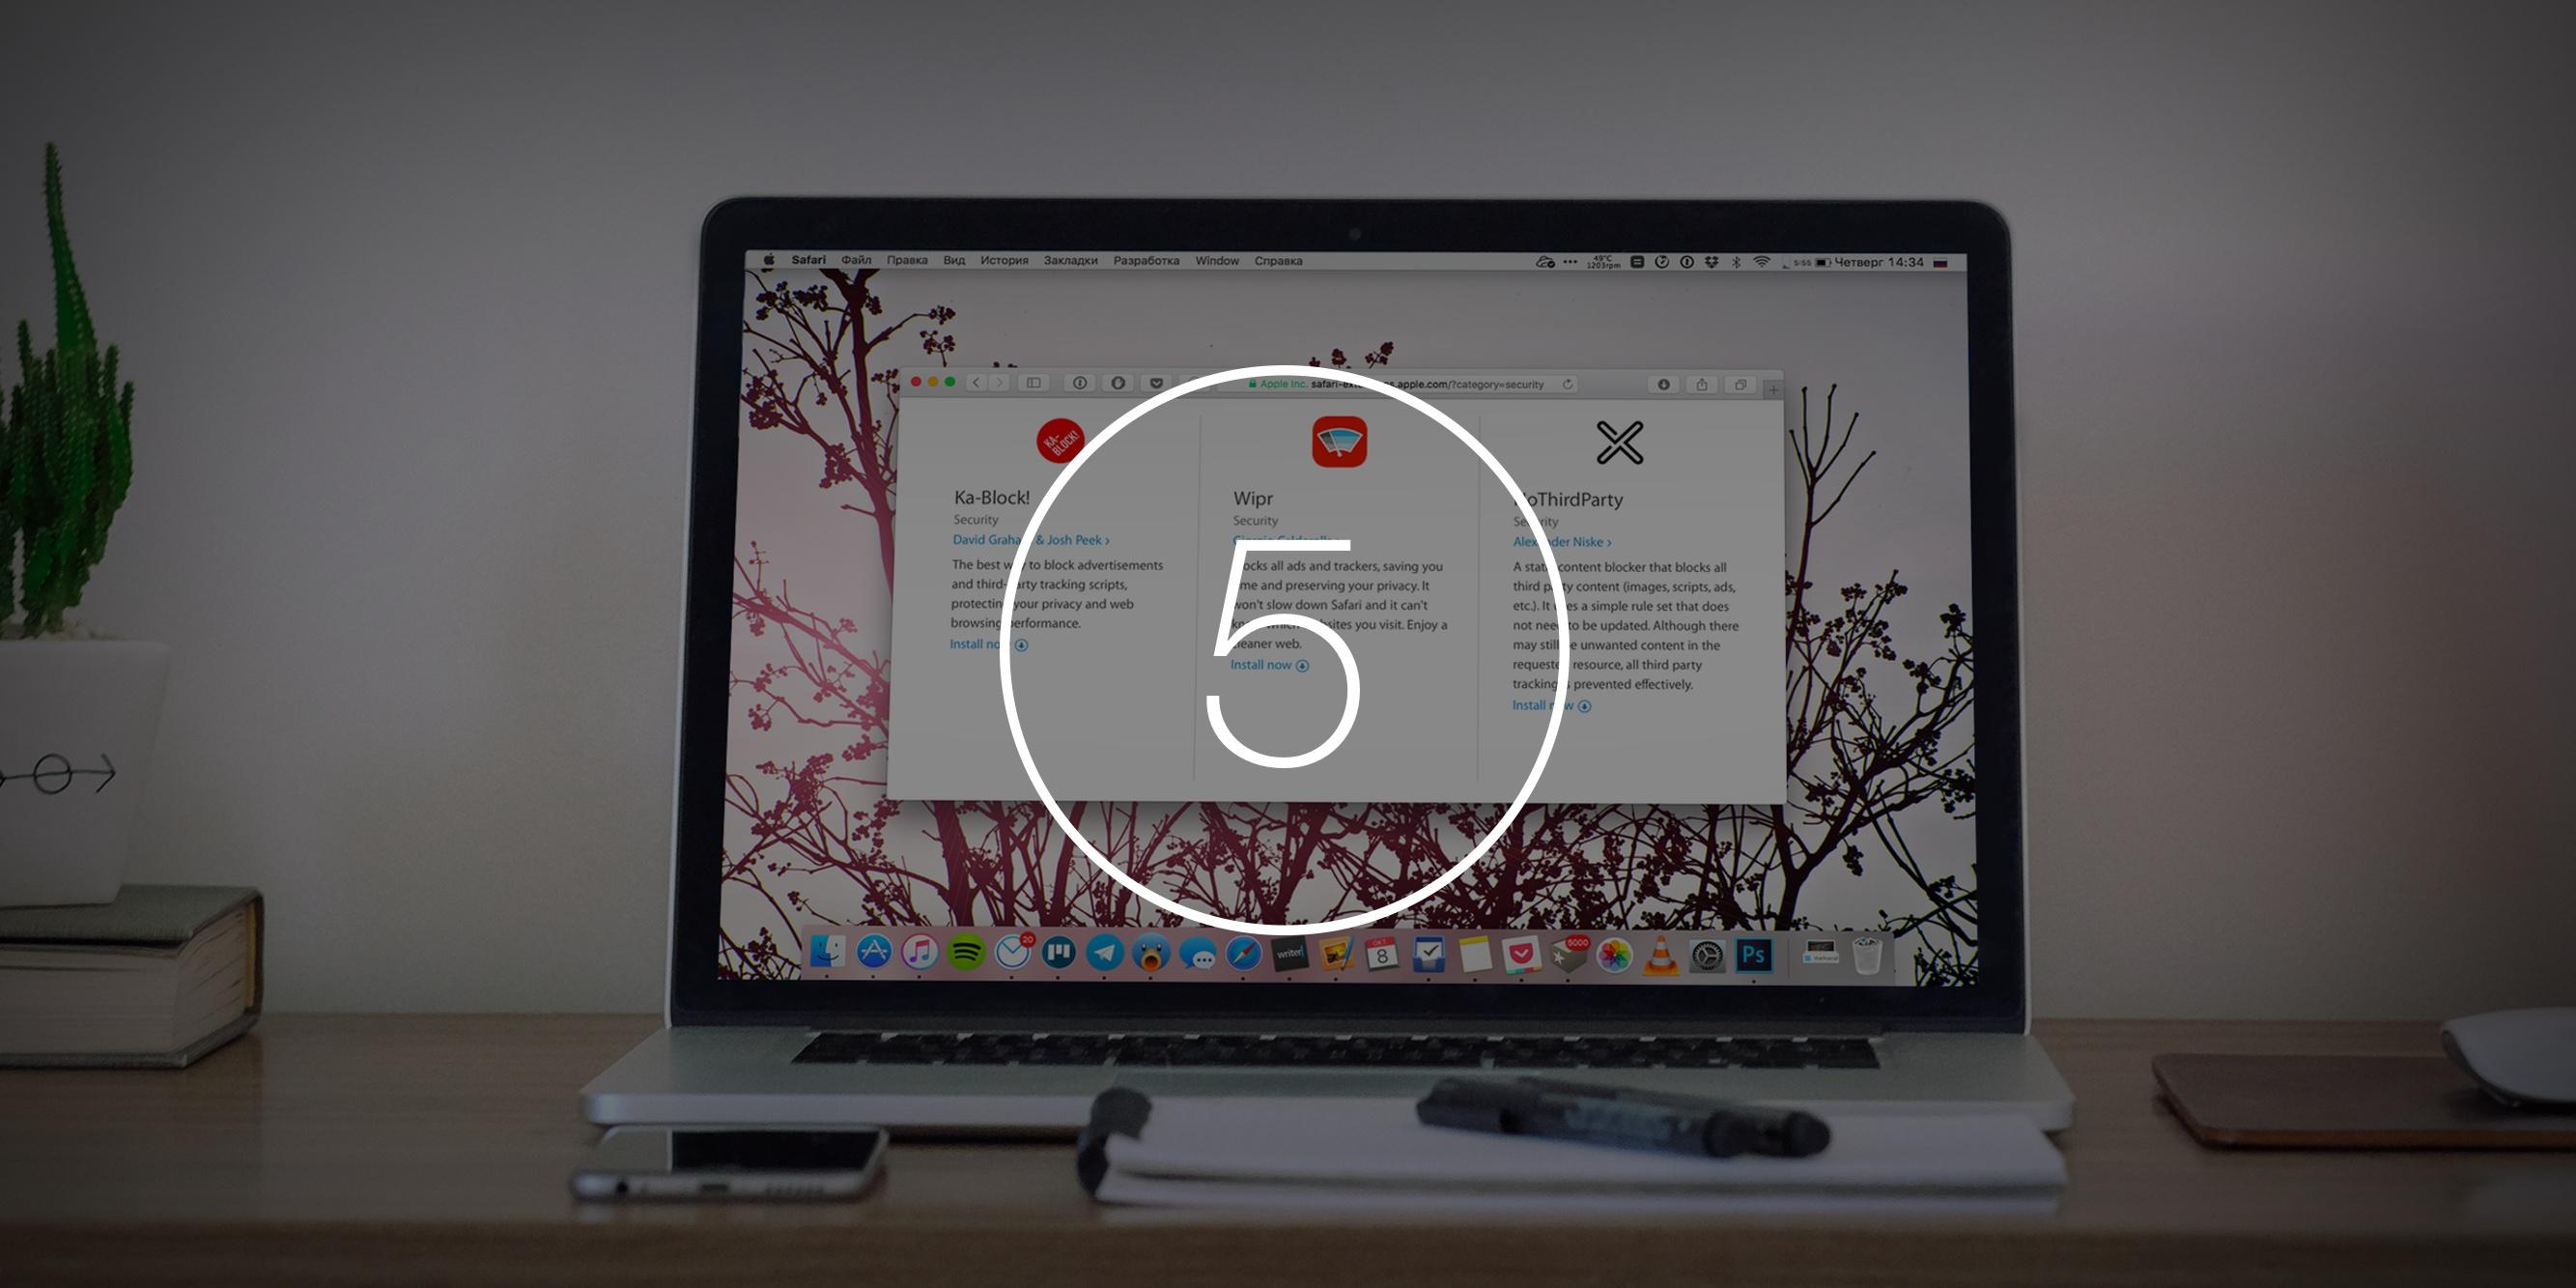 5 лучших блокировщиков контента для OS X El Capitan